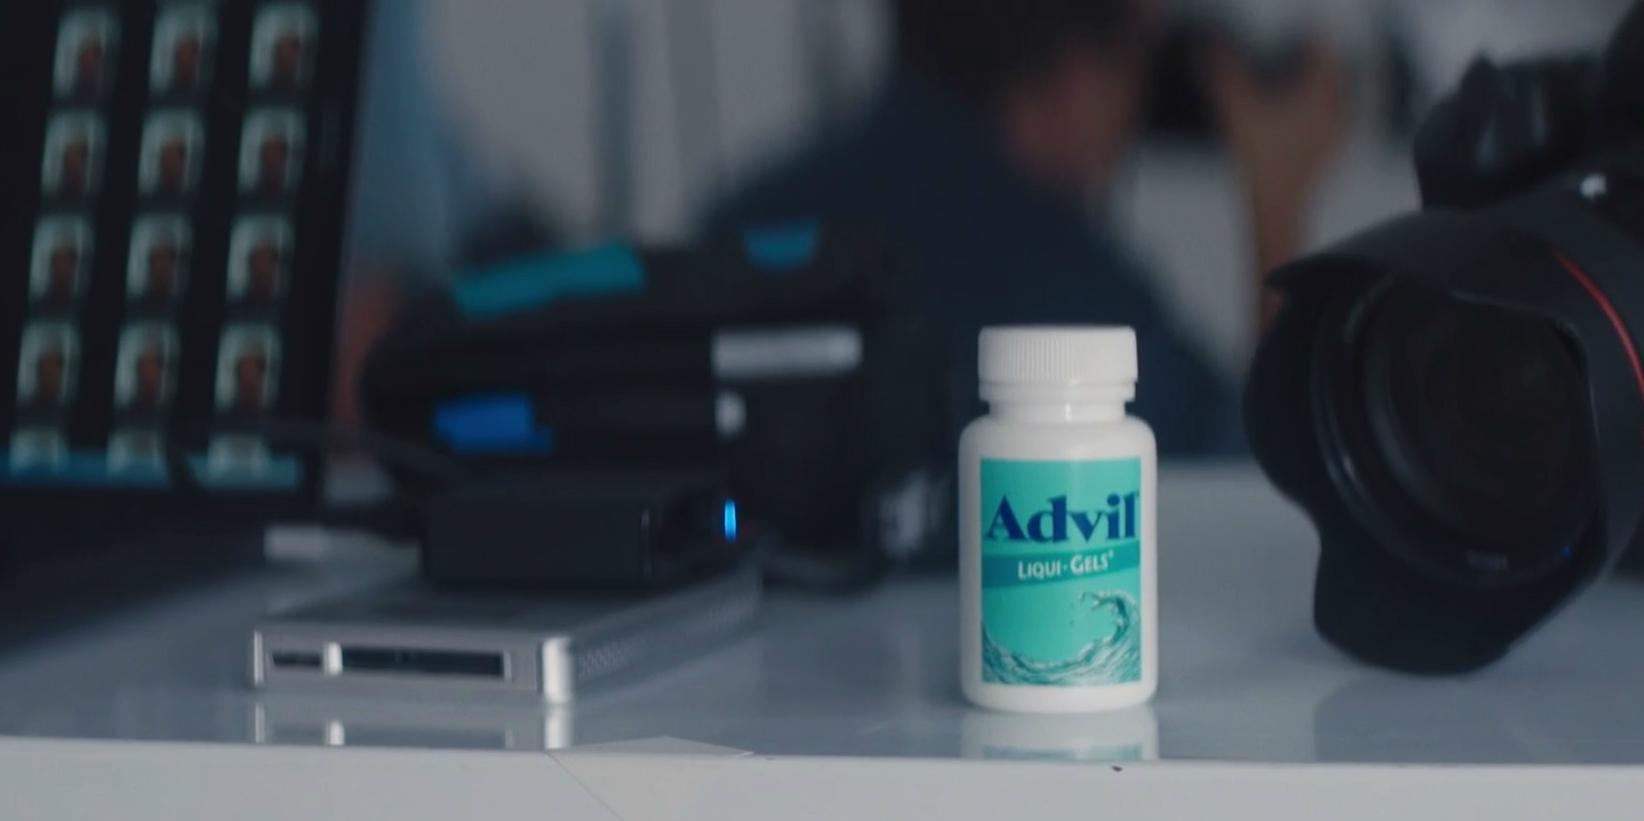 AdvilShot